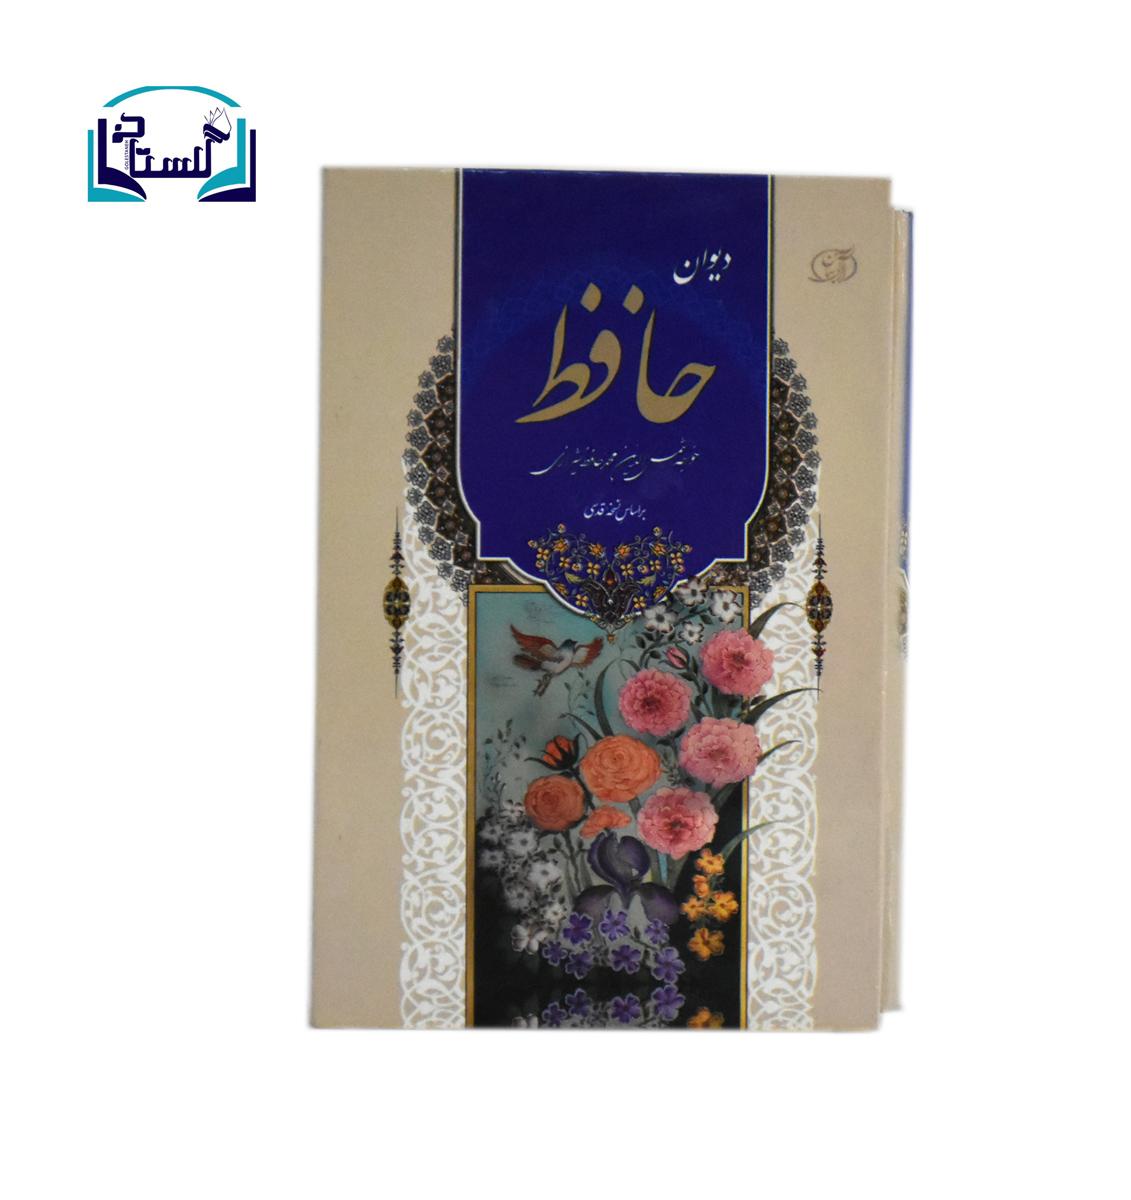 ديوان-حافظ-(آسمان-آبي)-1-16-قابدار